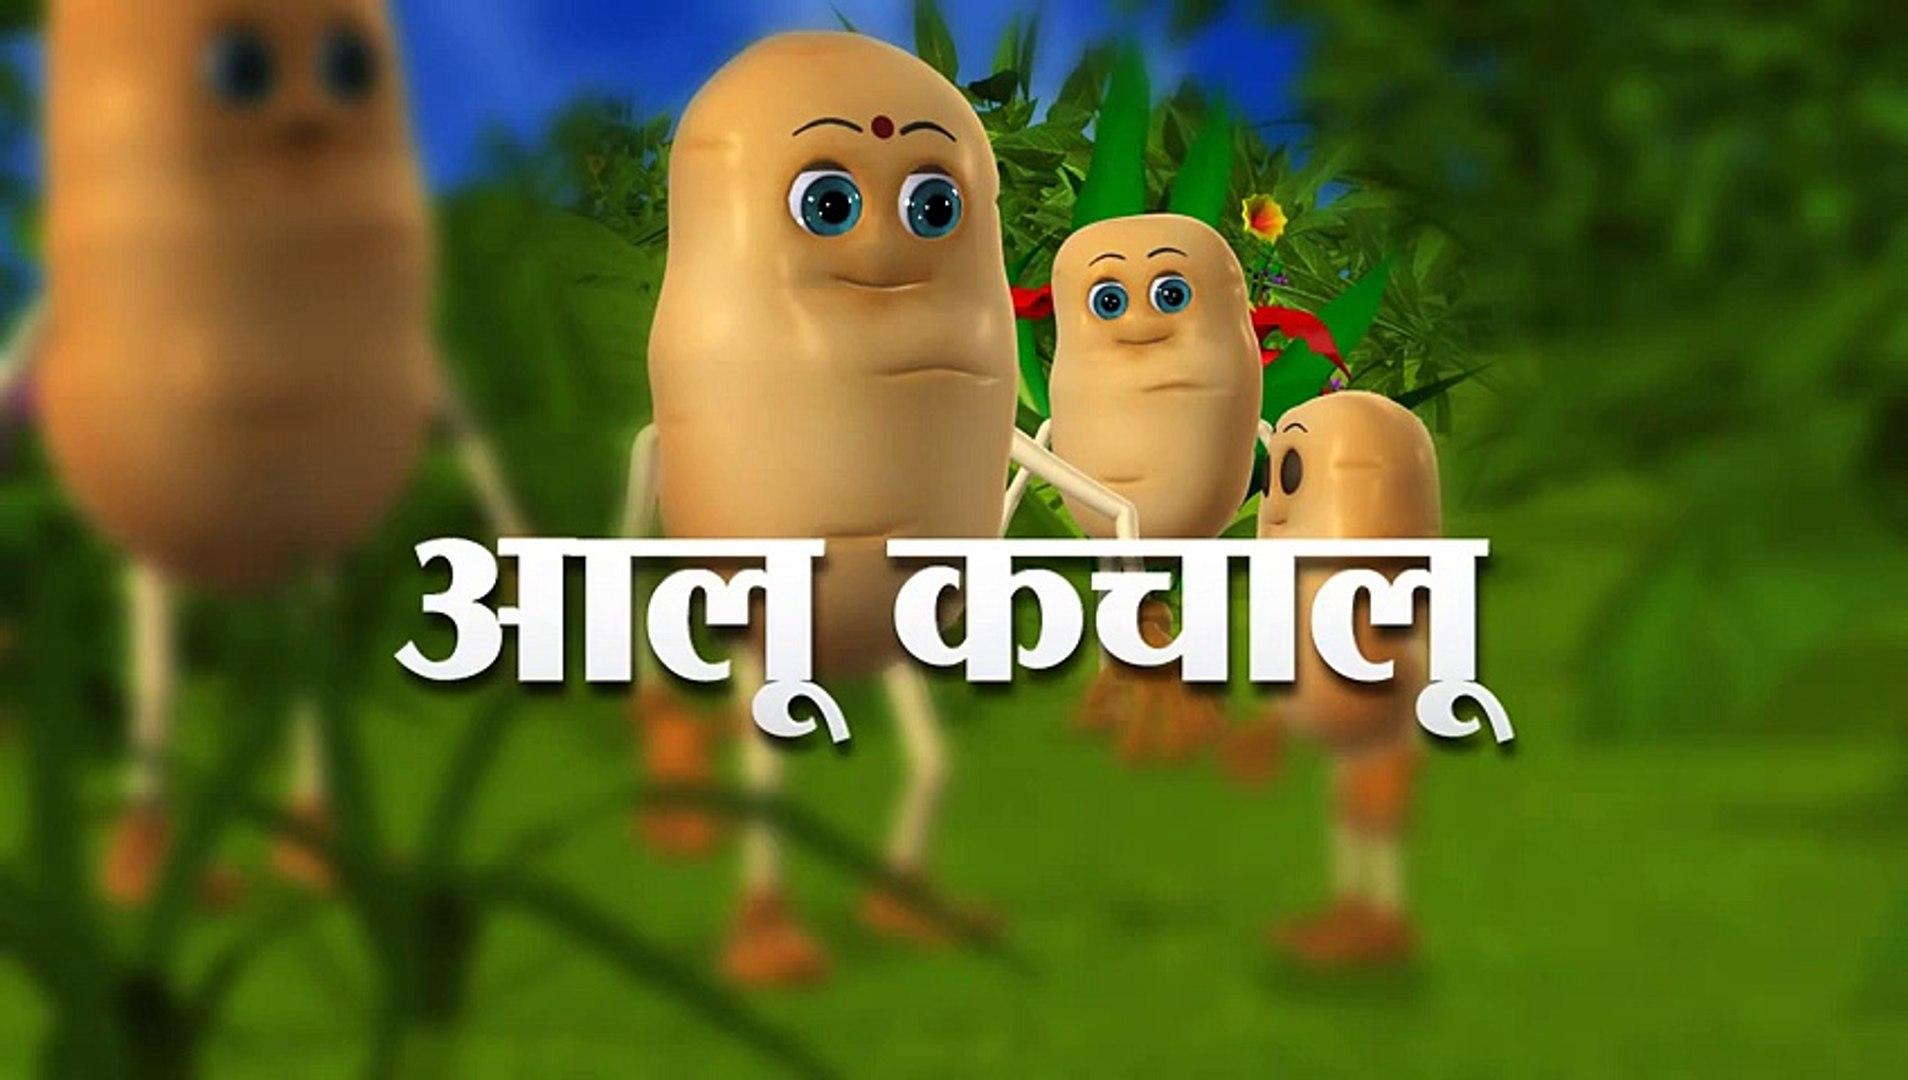 kachalu beta kahan gaye the baigan ki tokri mein so late